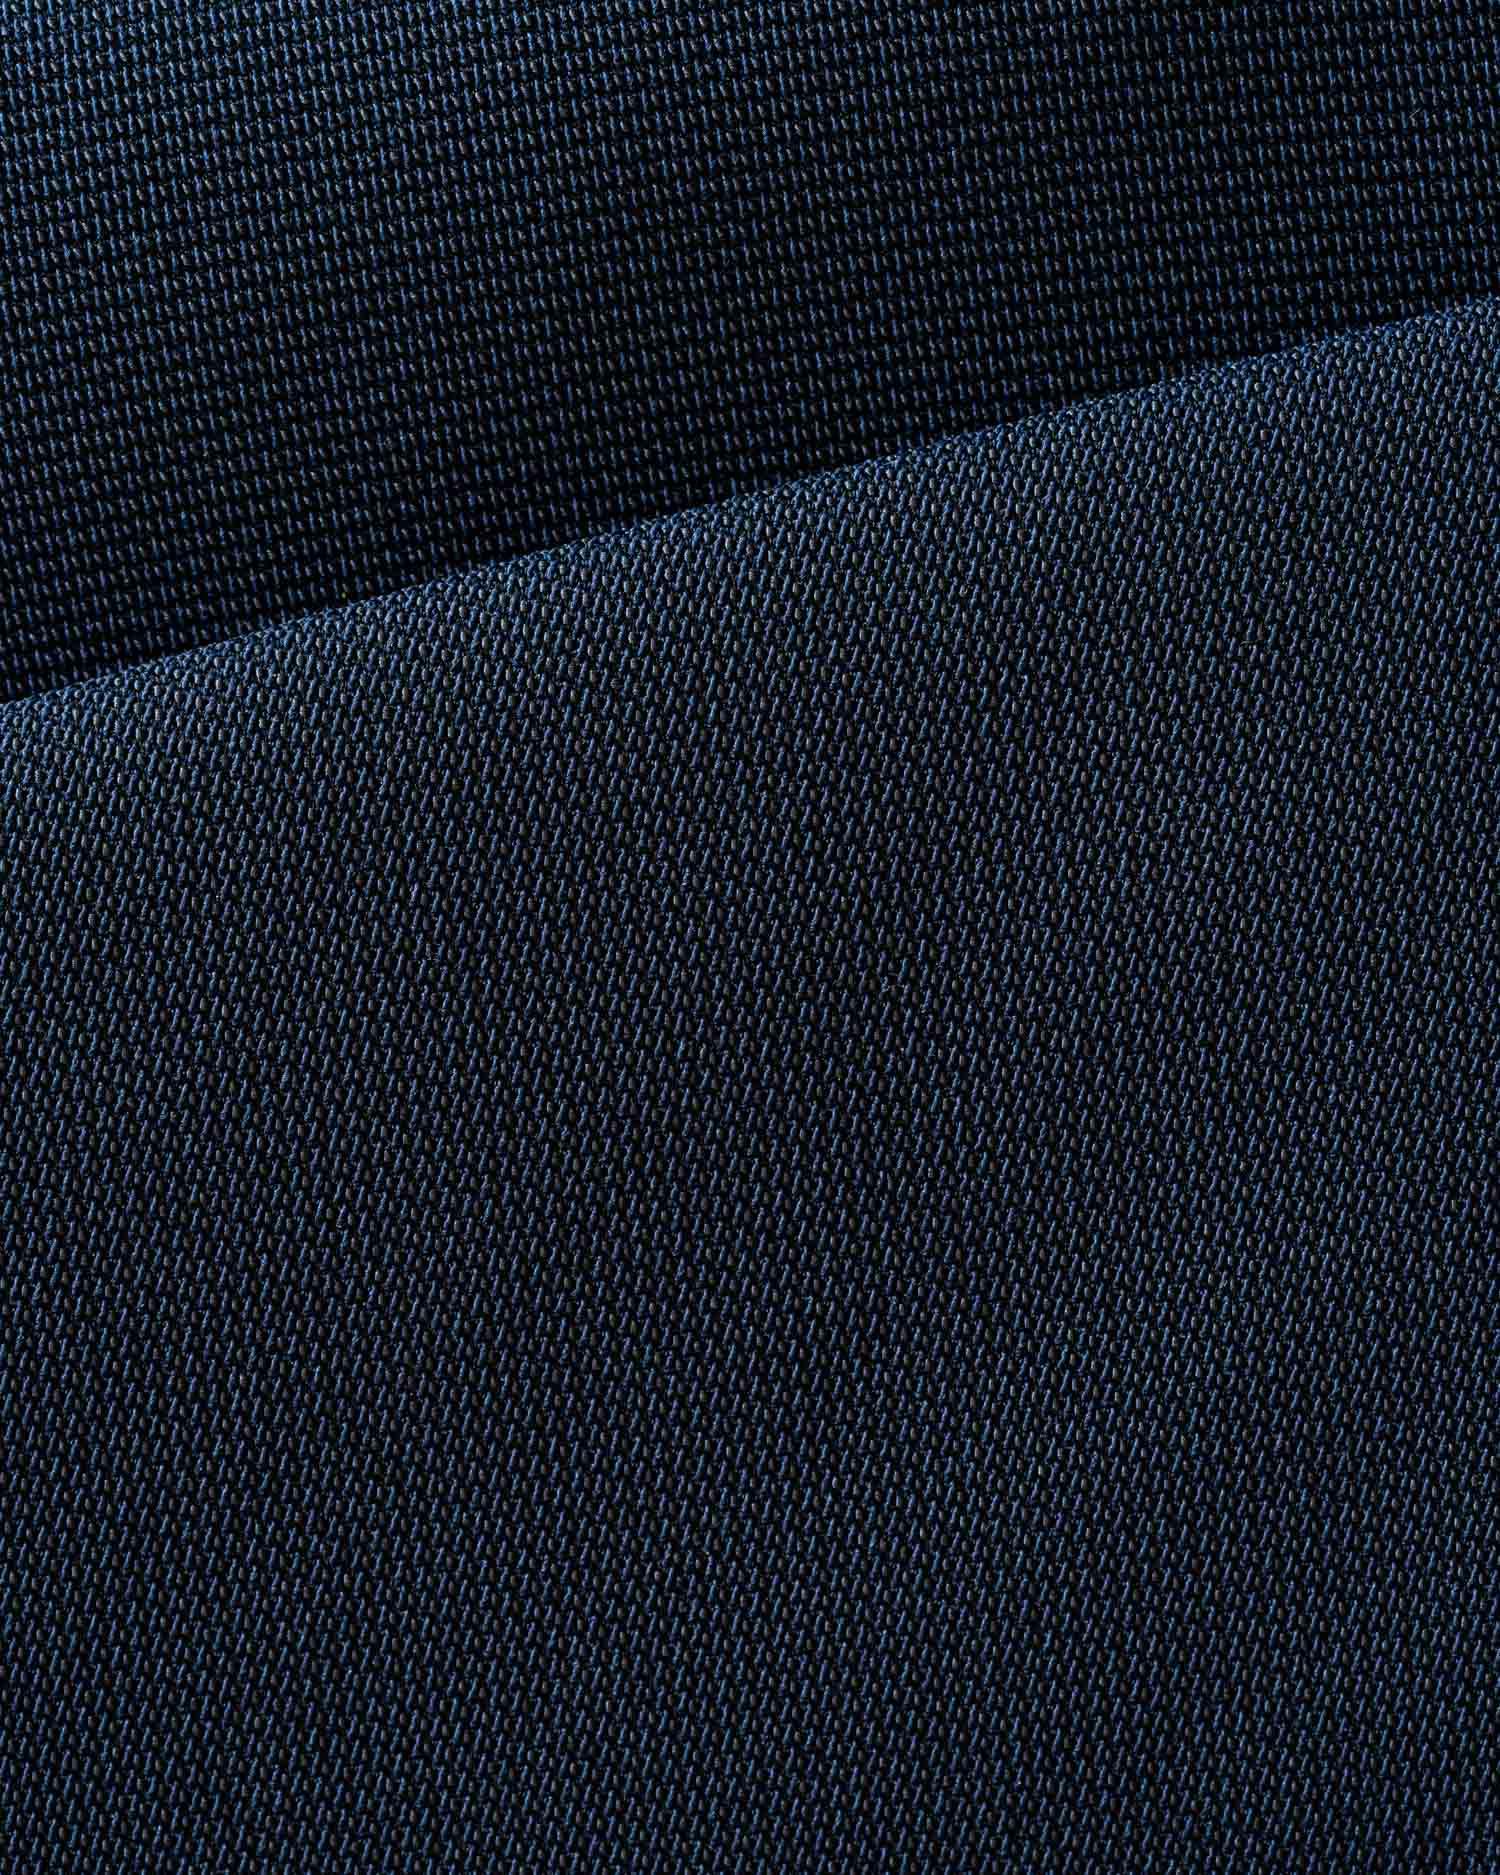 Baggizmo Schoeller textile